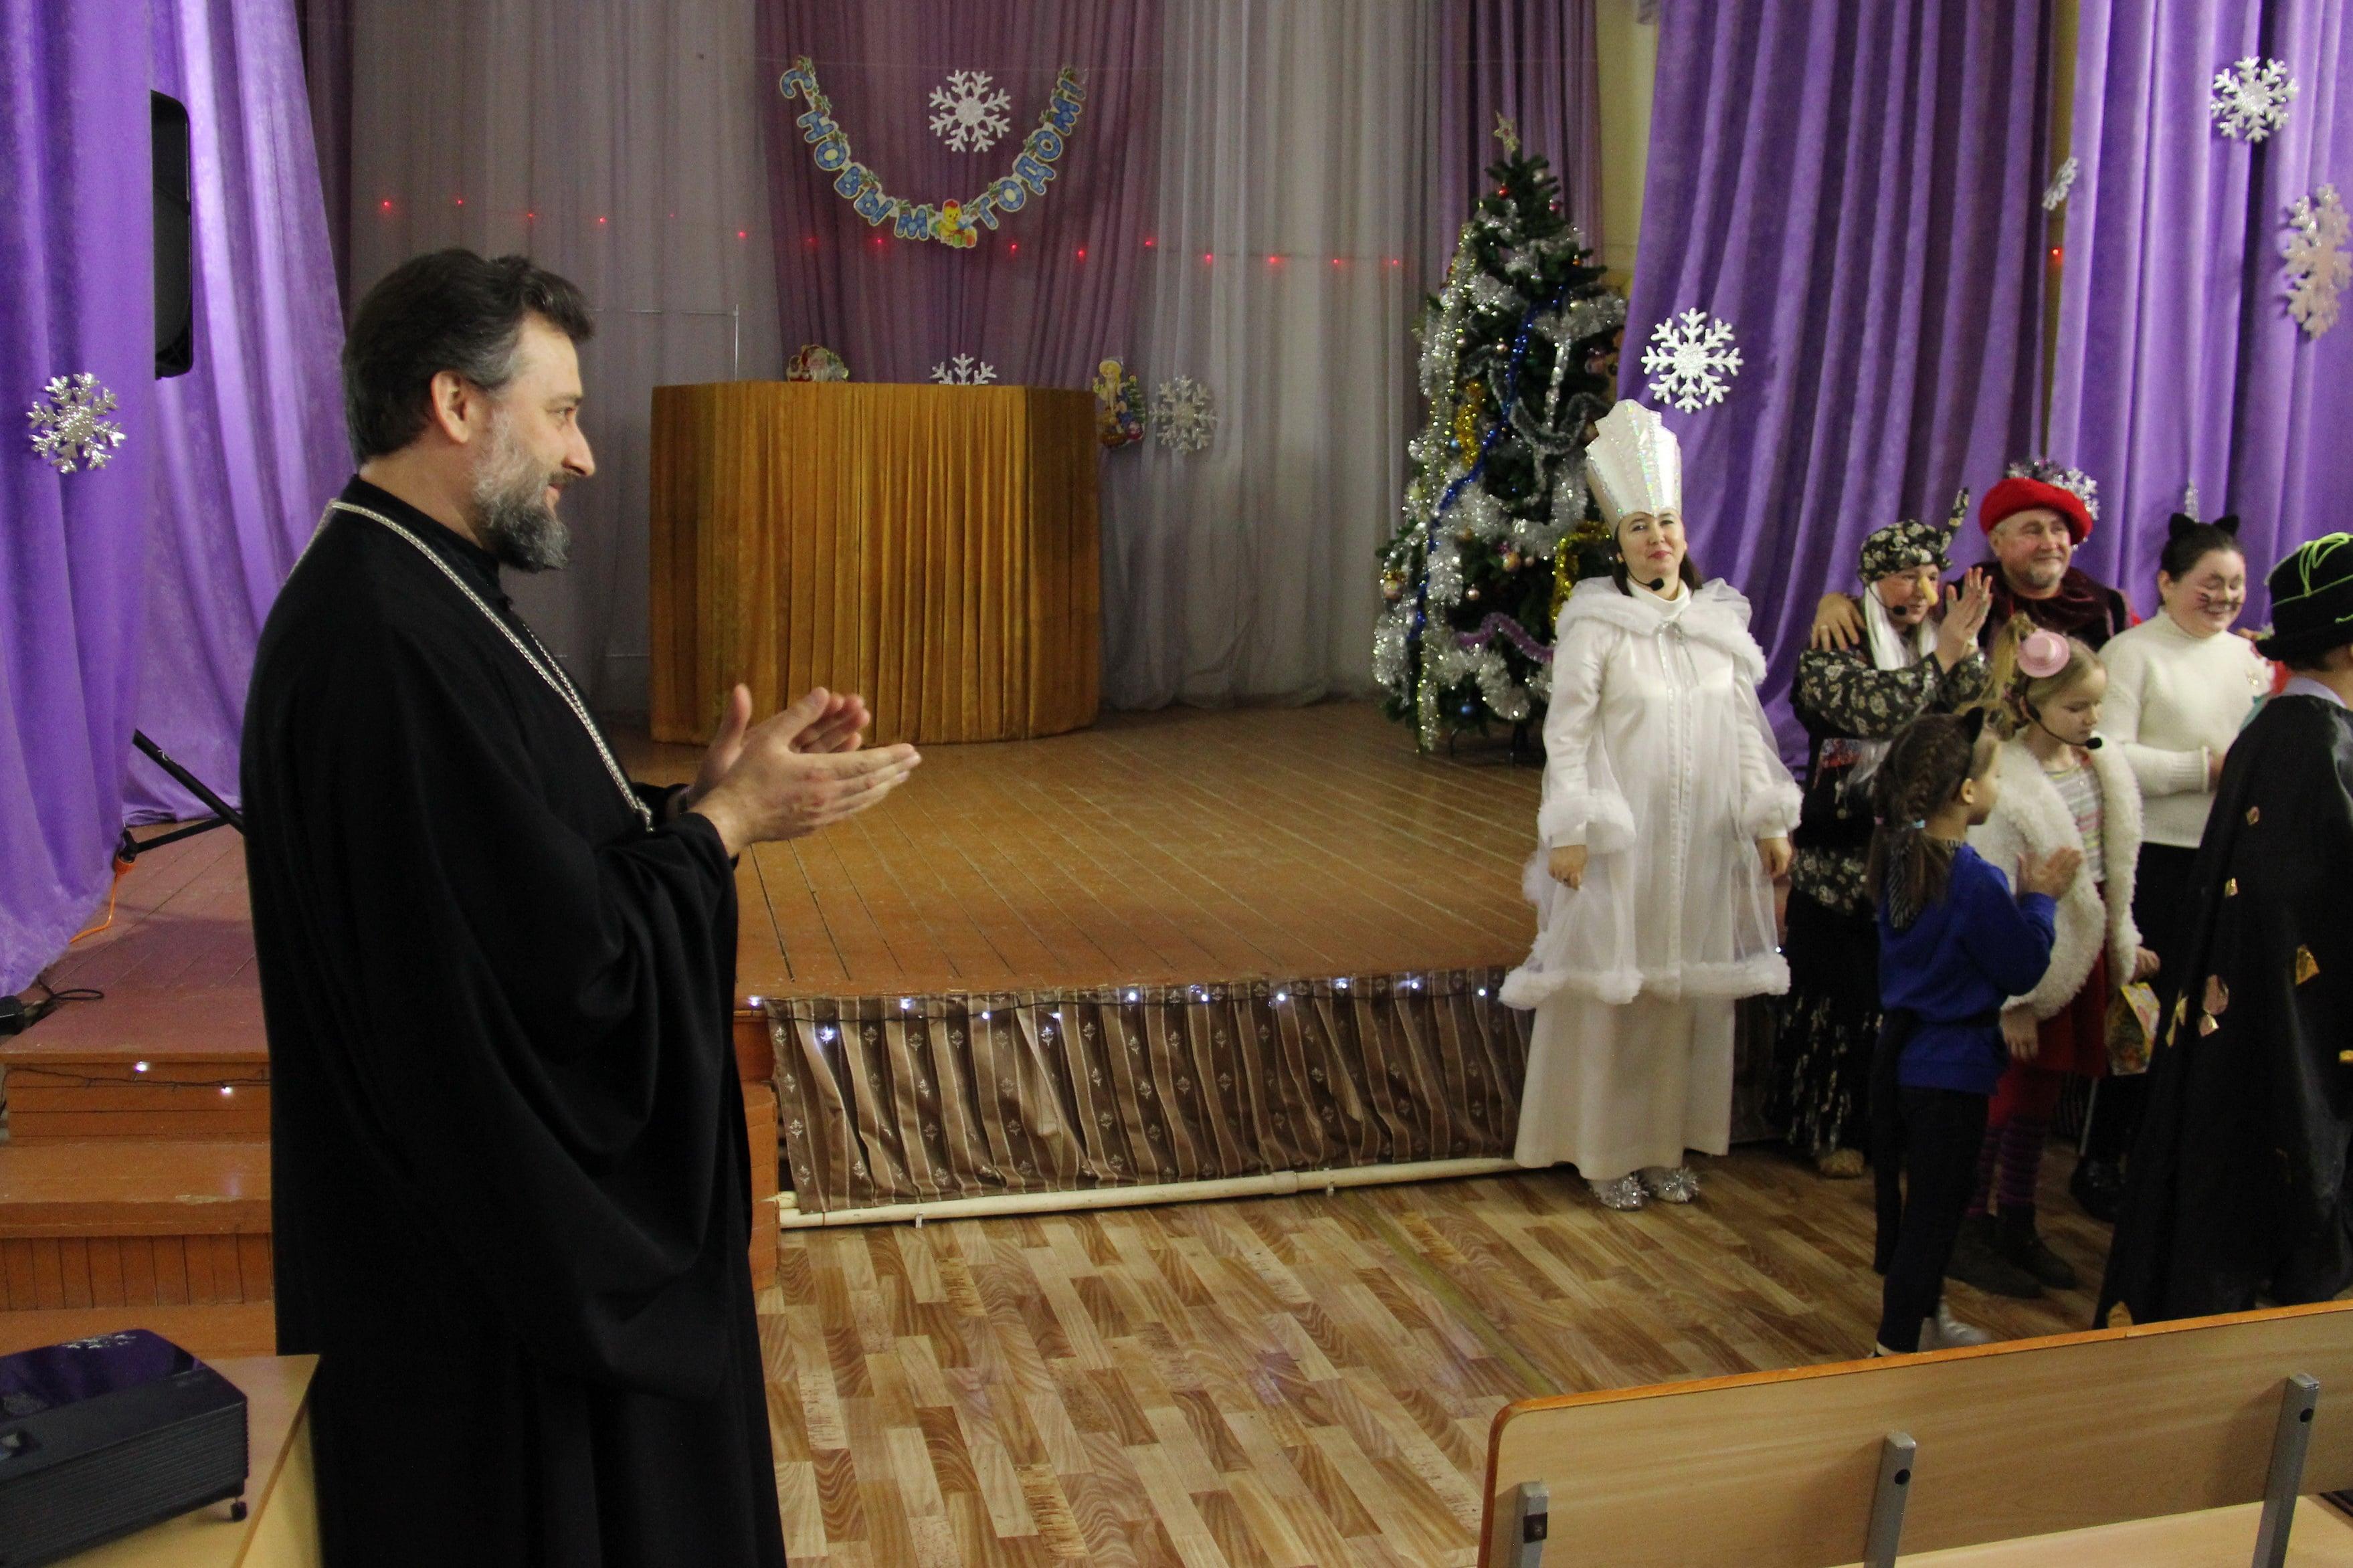 http://monuspen.ru/photoreports/7e2fac8d59536ce3faa4191d7710c889.JPG